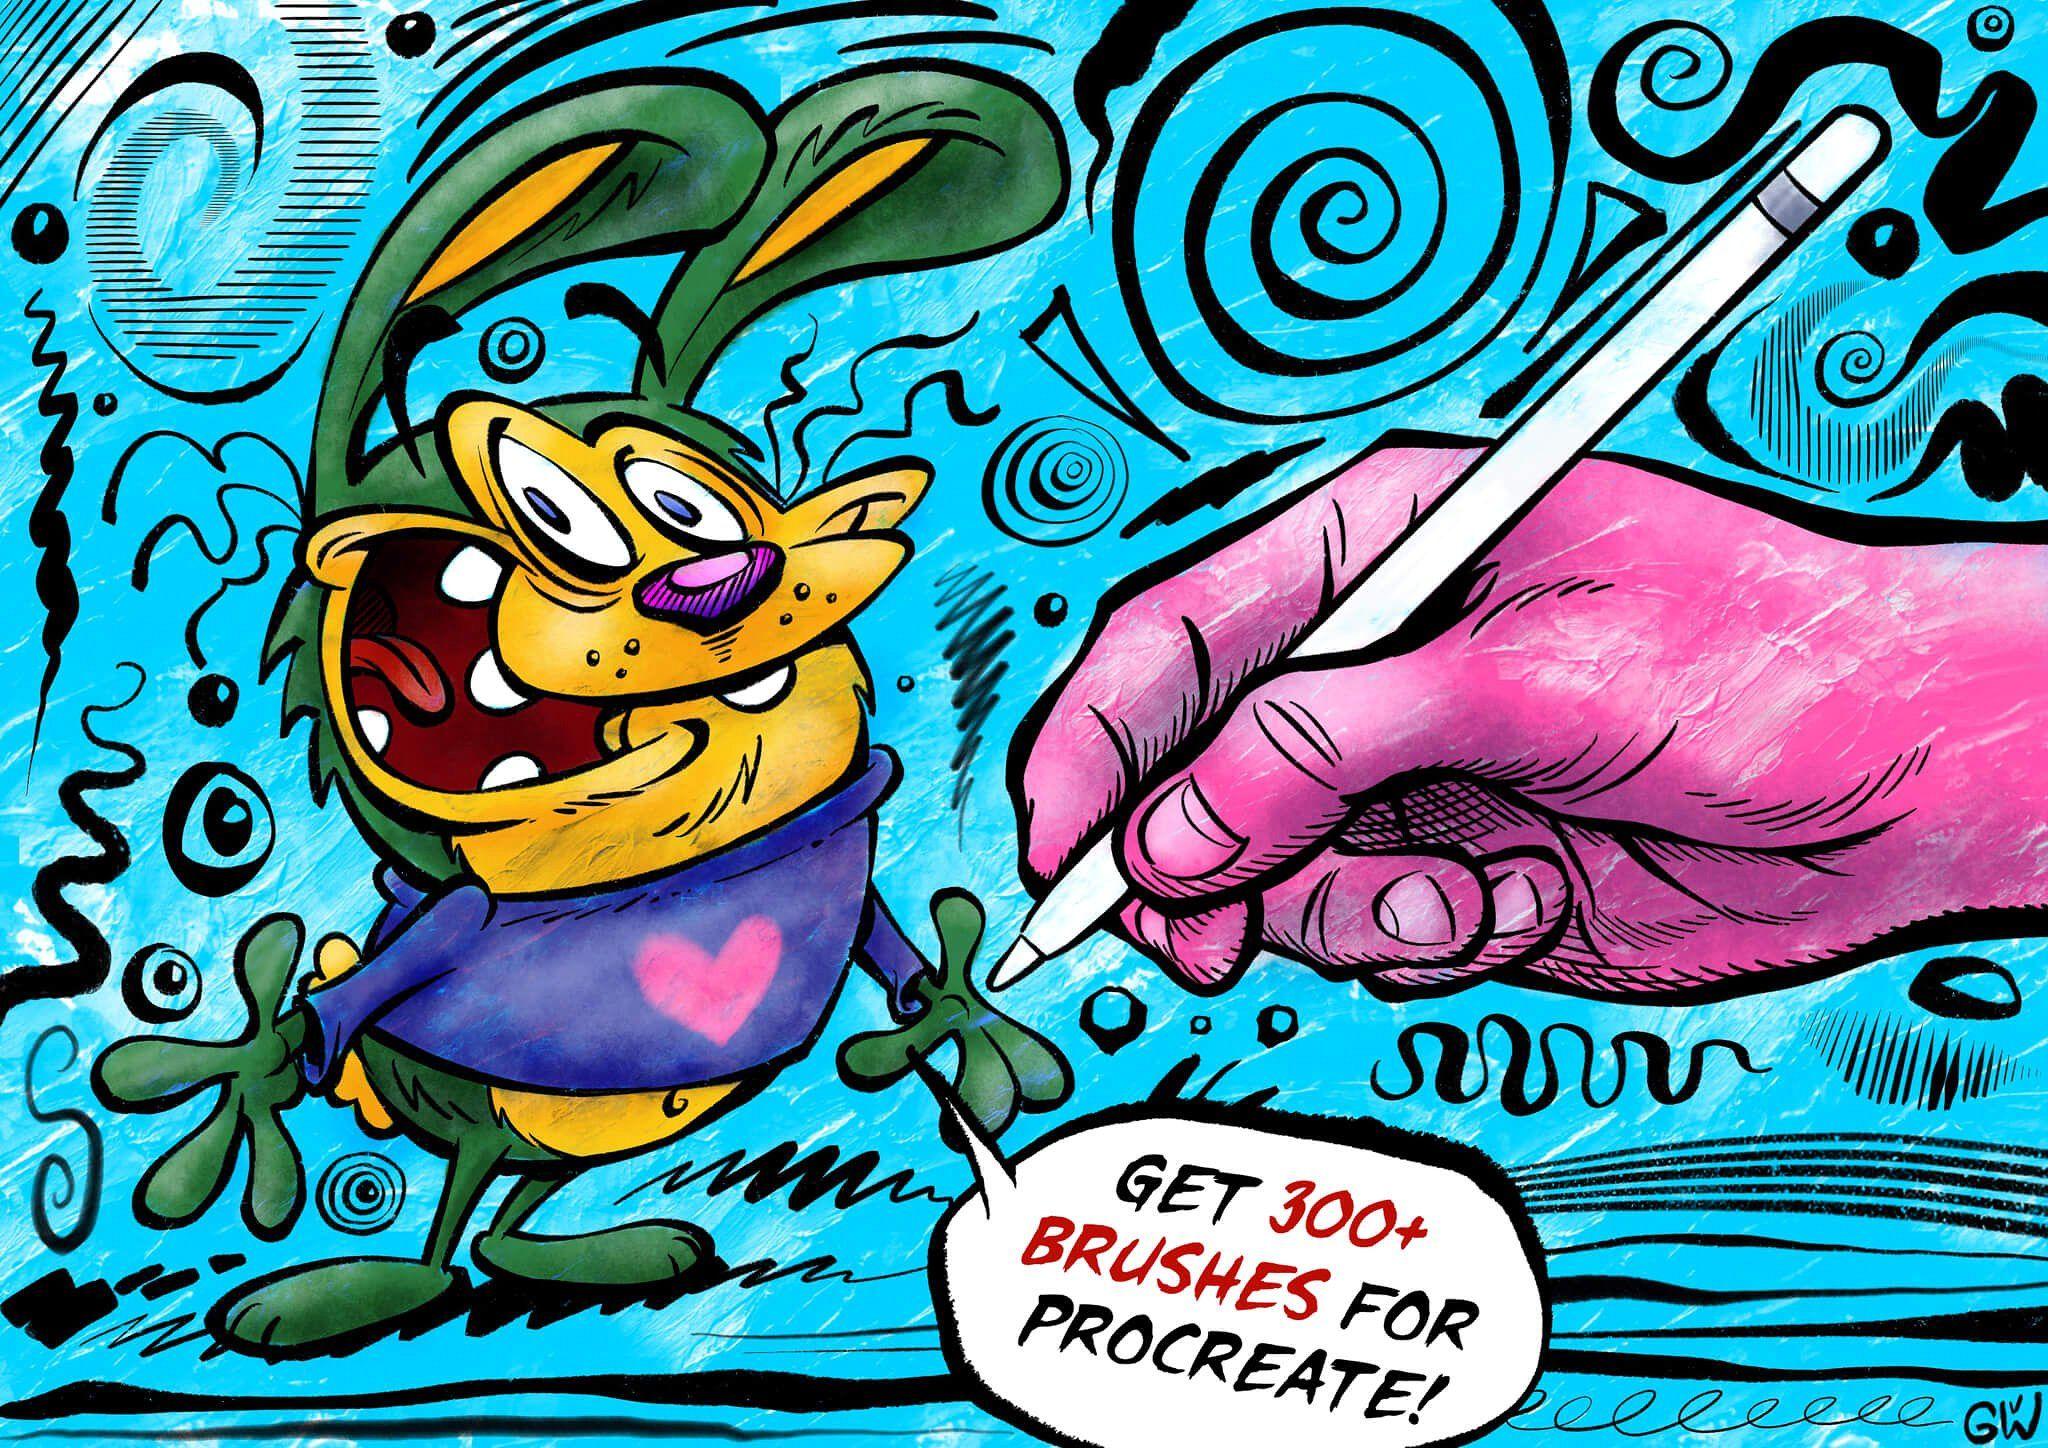 Megapack 550 brushes for procreate procreate brushes